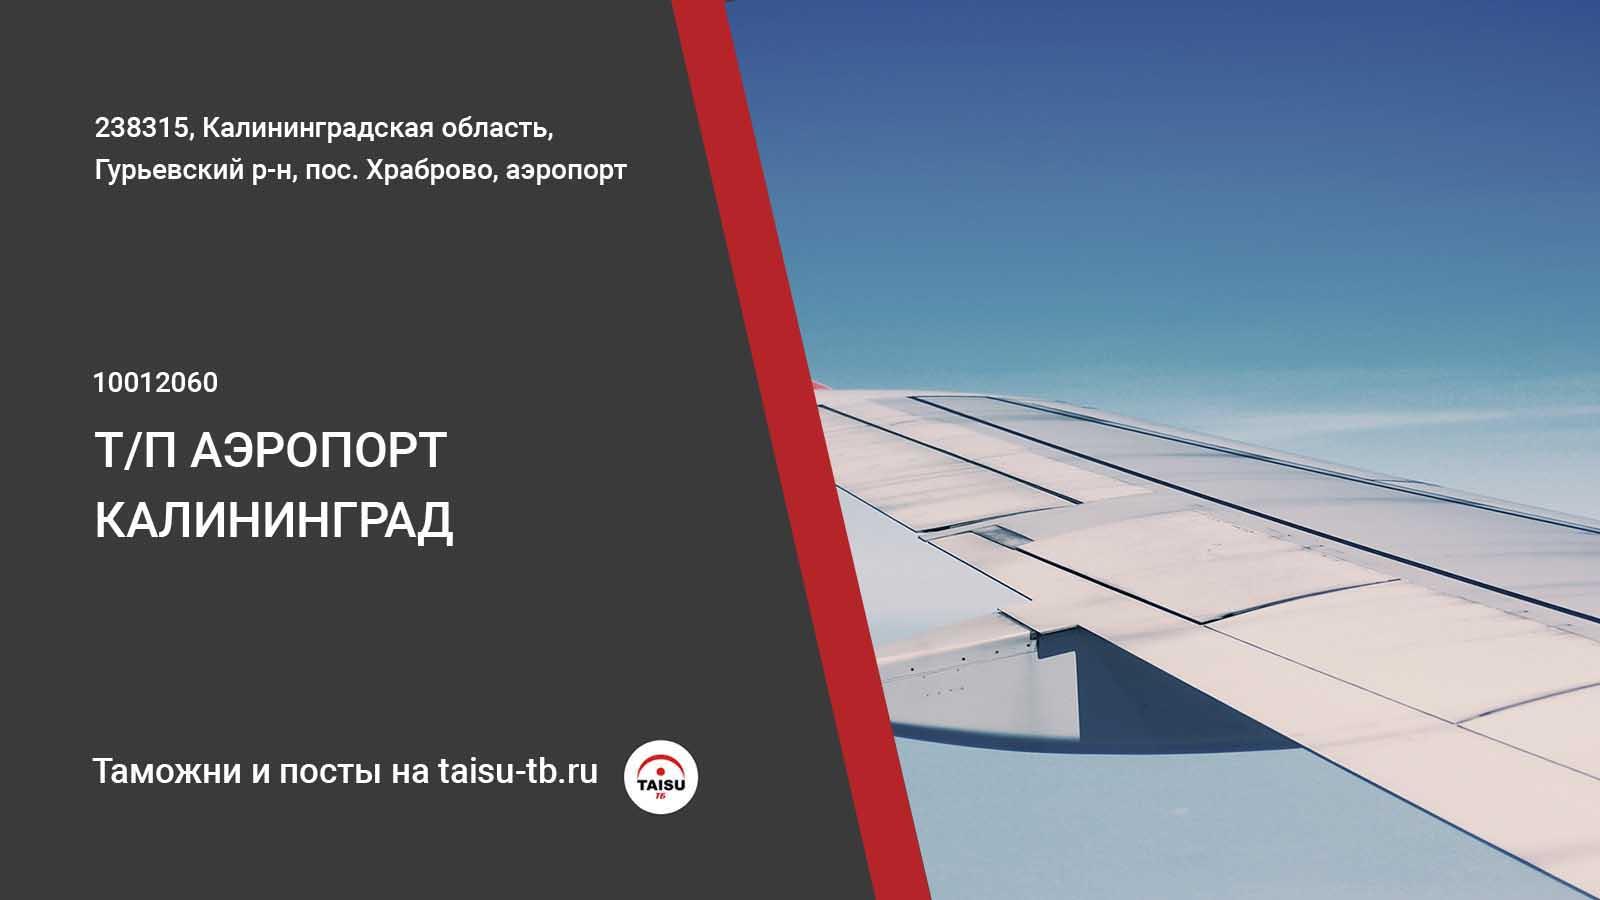 Таможенный пост Аэропорт Калининград